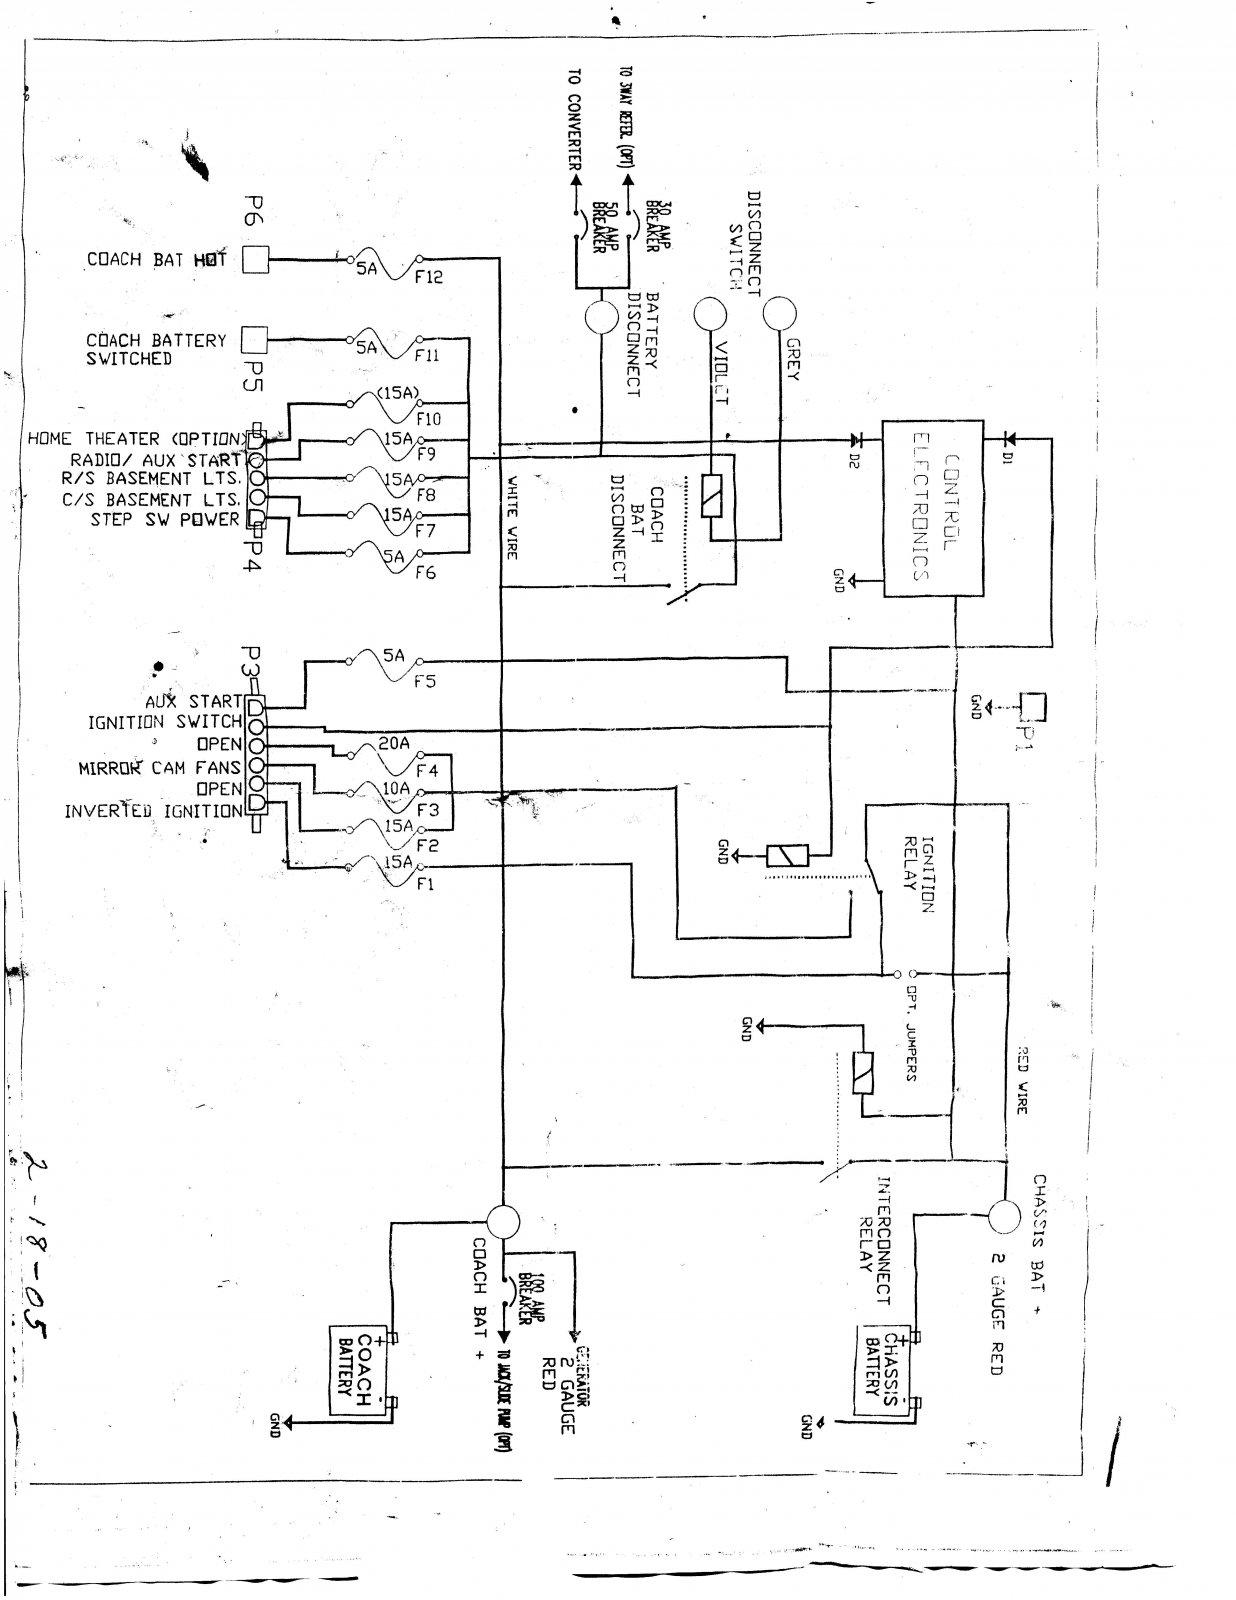 Wiring Diagram Astroflex Plock Ii - Wikishare